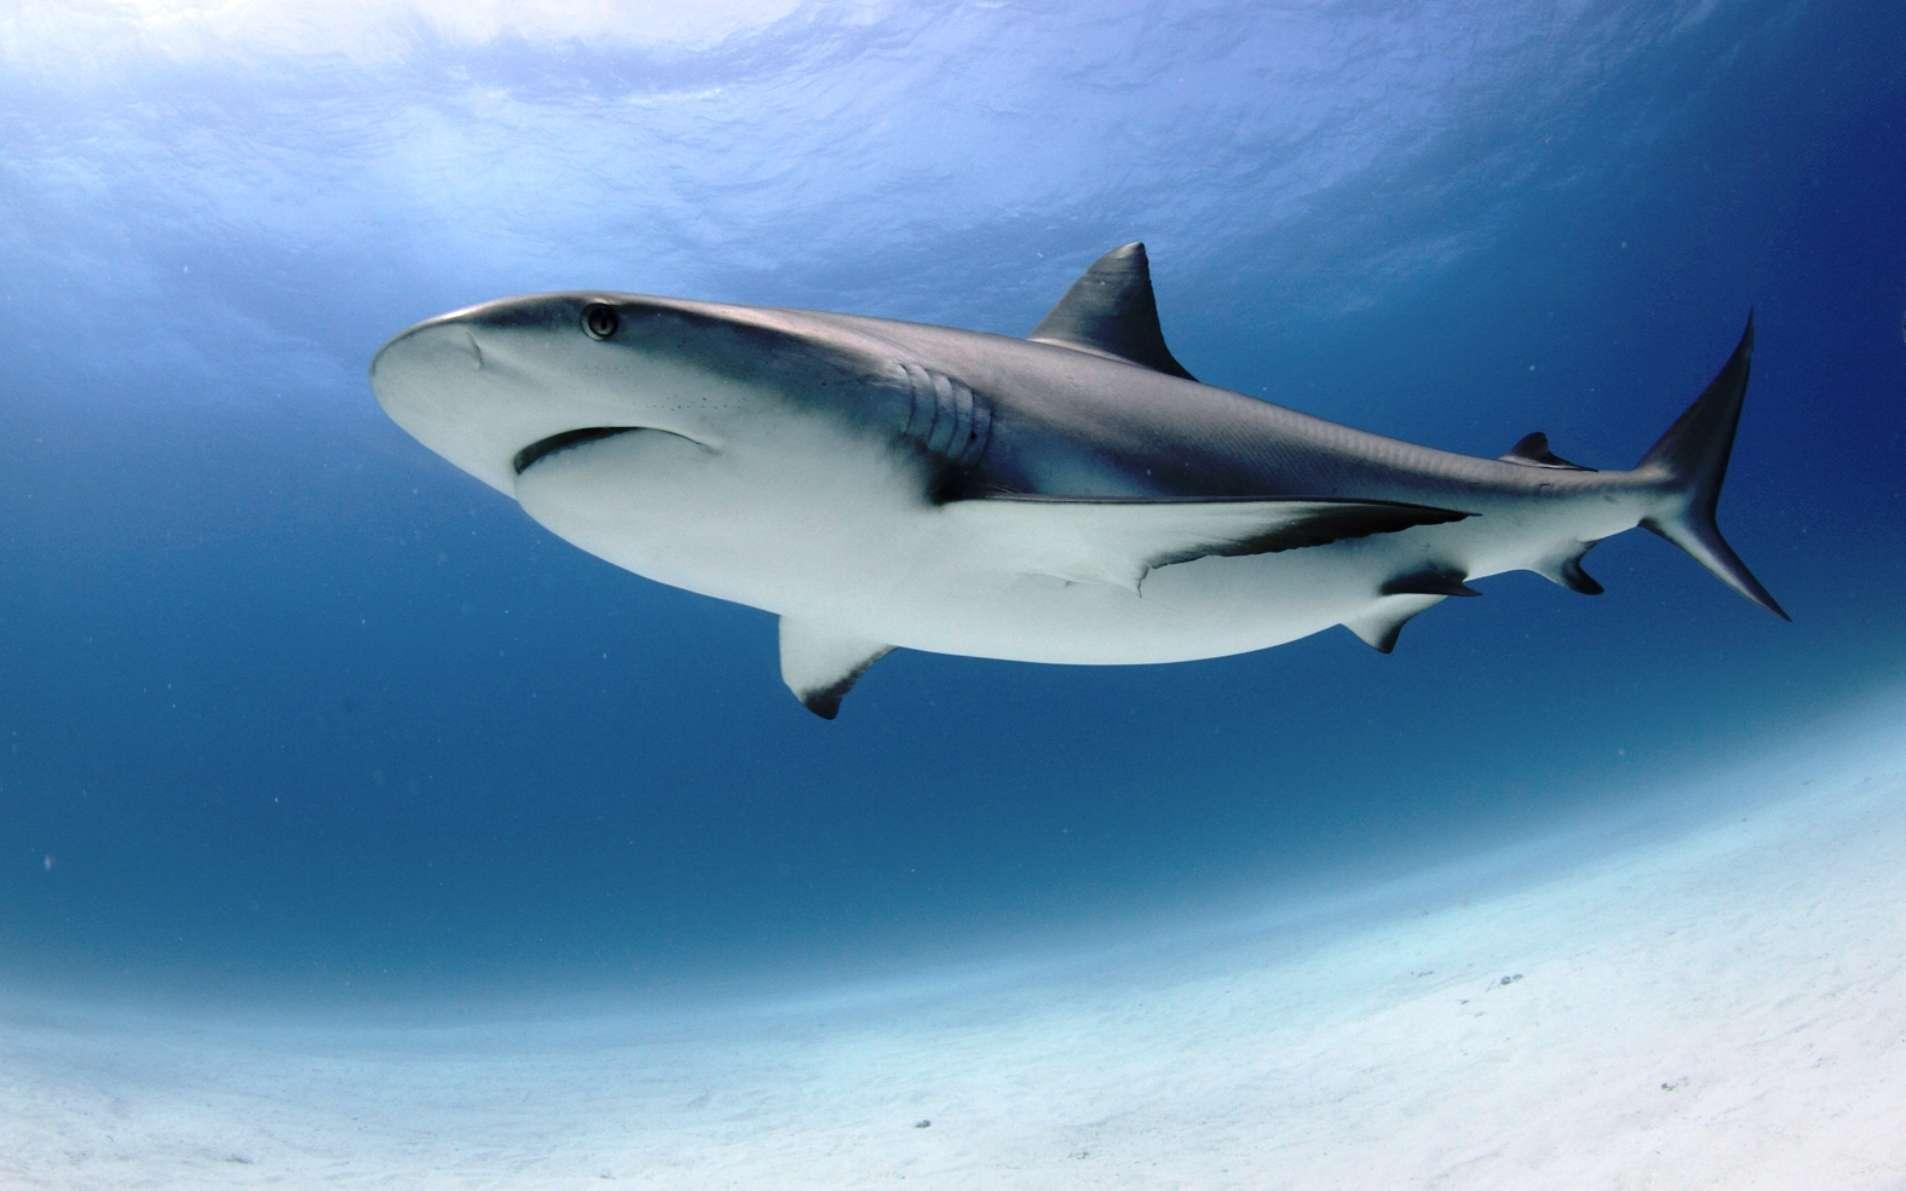 Une dent ayant appartenu à un requin similaire à celui présent sur cette photo a été découverte dans des sédiments datant du Miocène dans le bassin de l'Amazonie. © Gaby Carías Tucker and Alberto Blanco Dávila